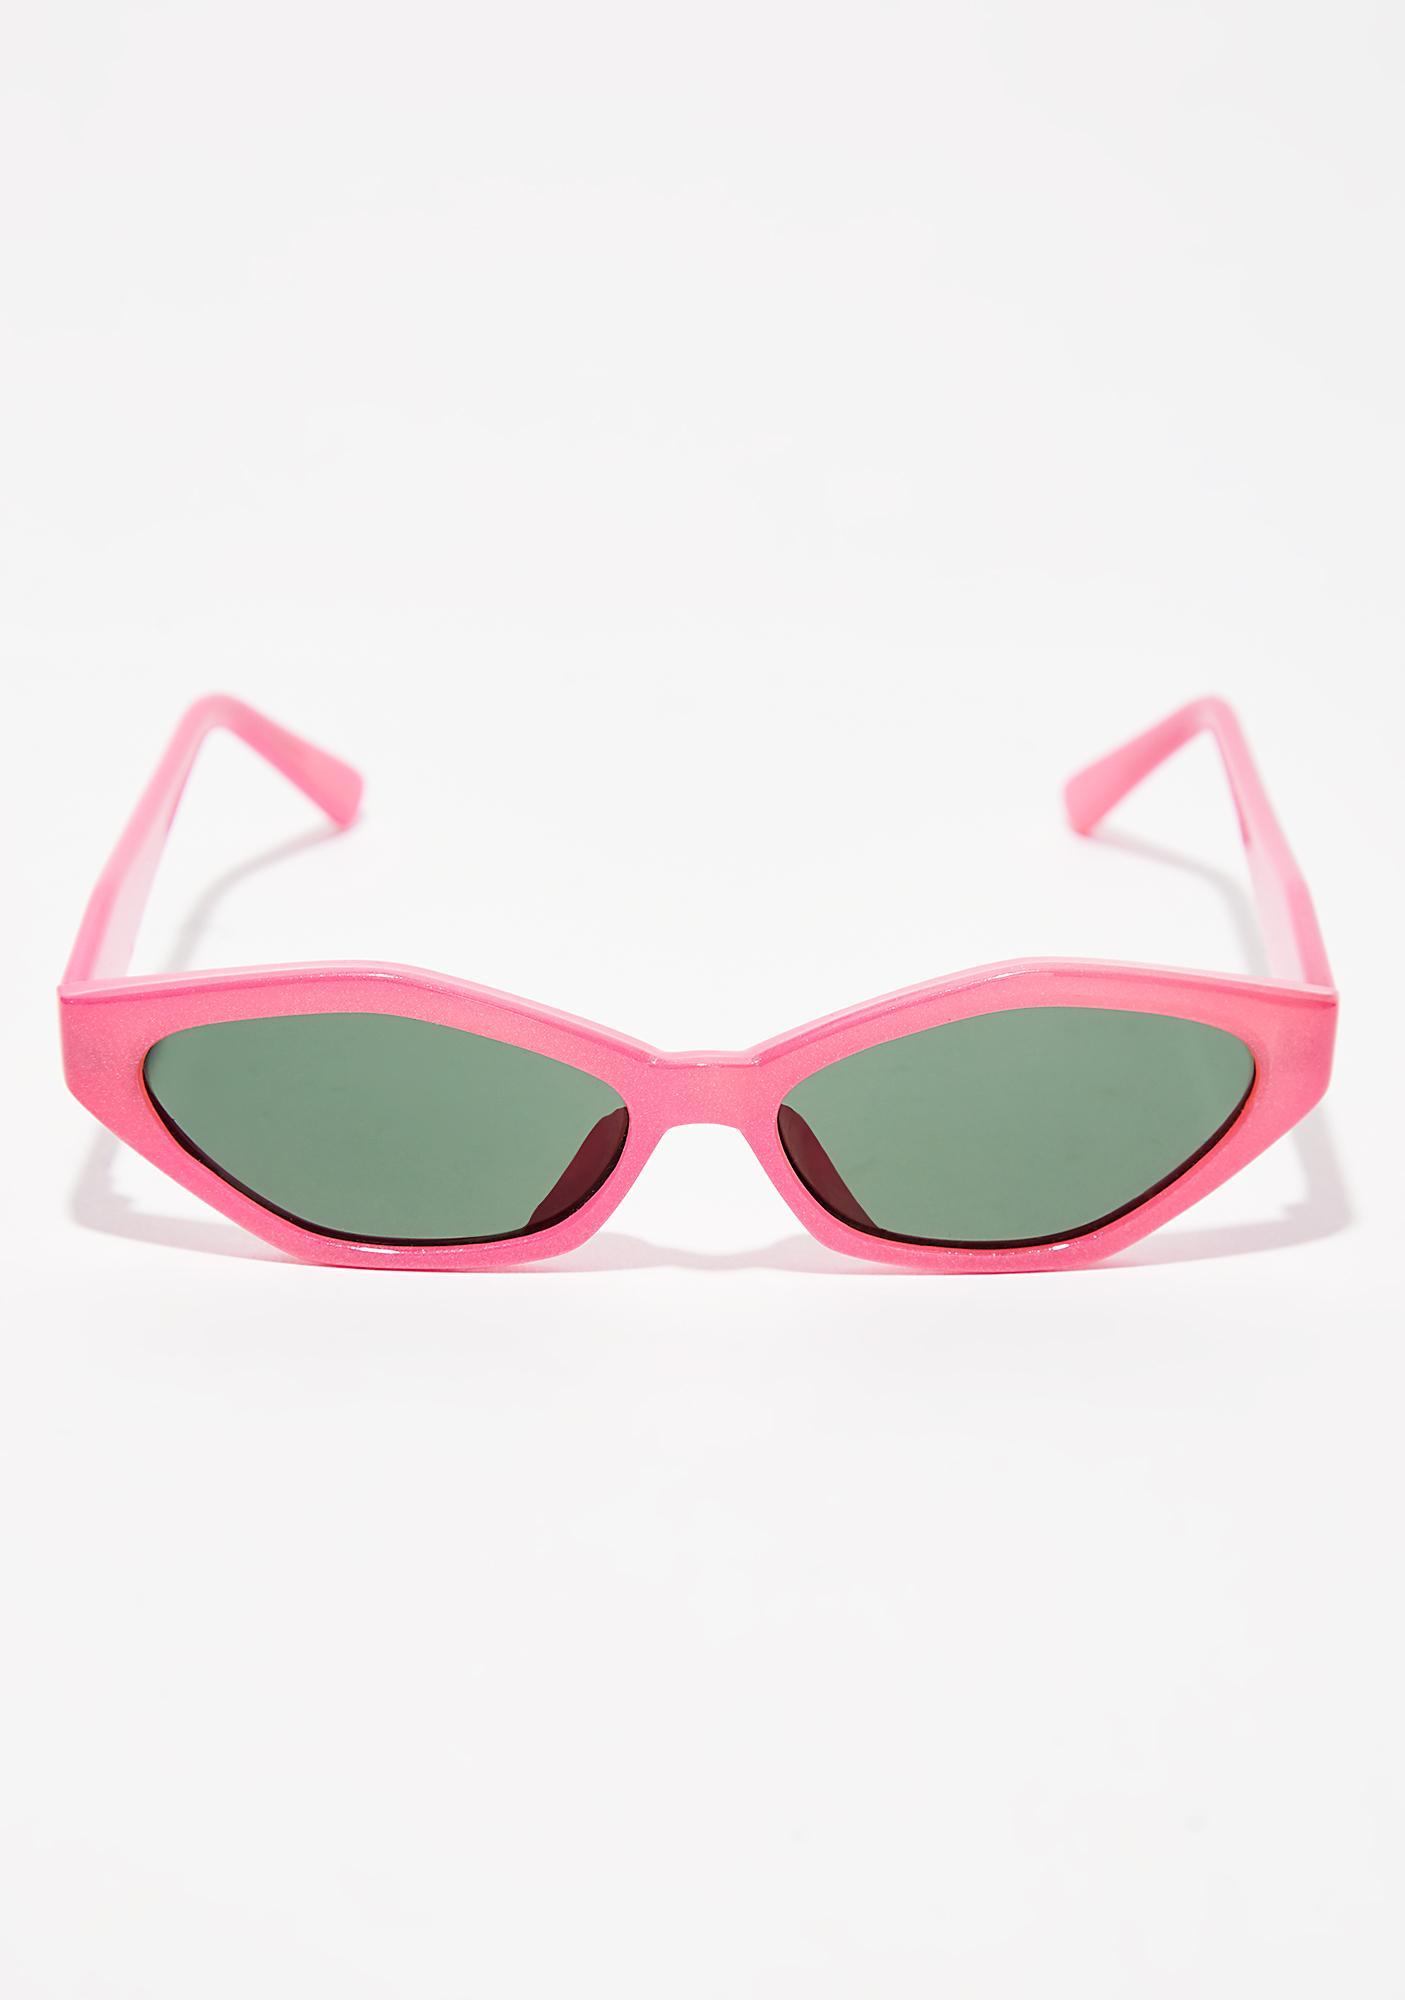 Sugar Stop N' Stare Oval Sunglasses